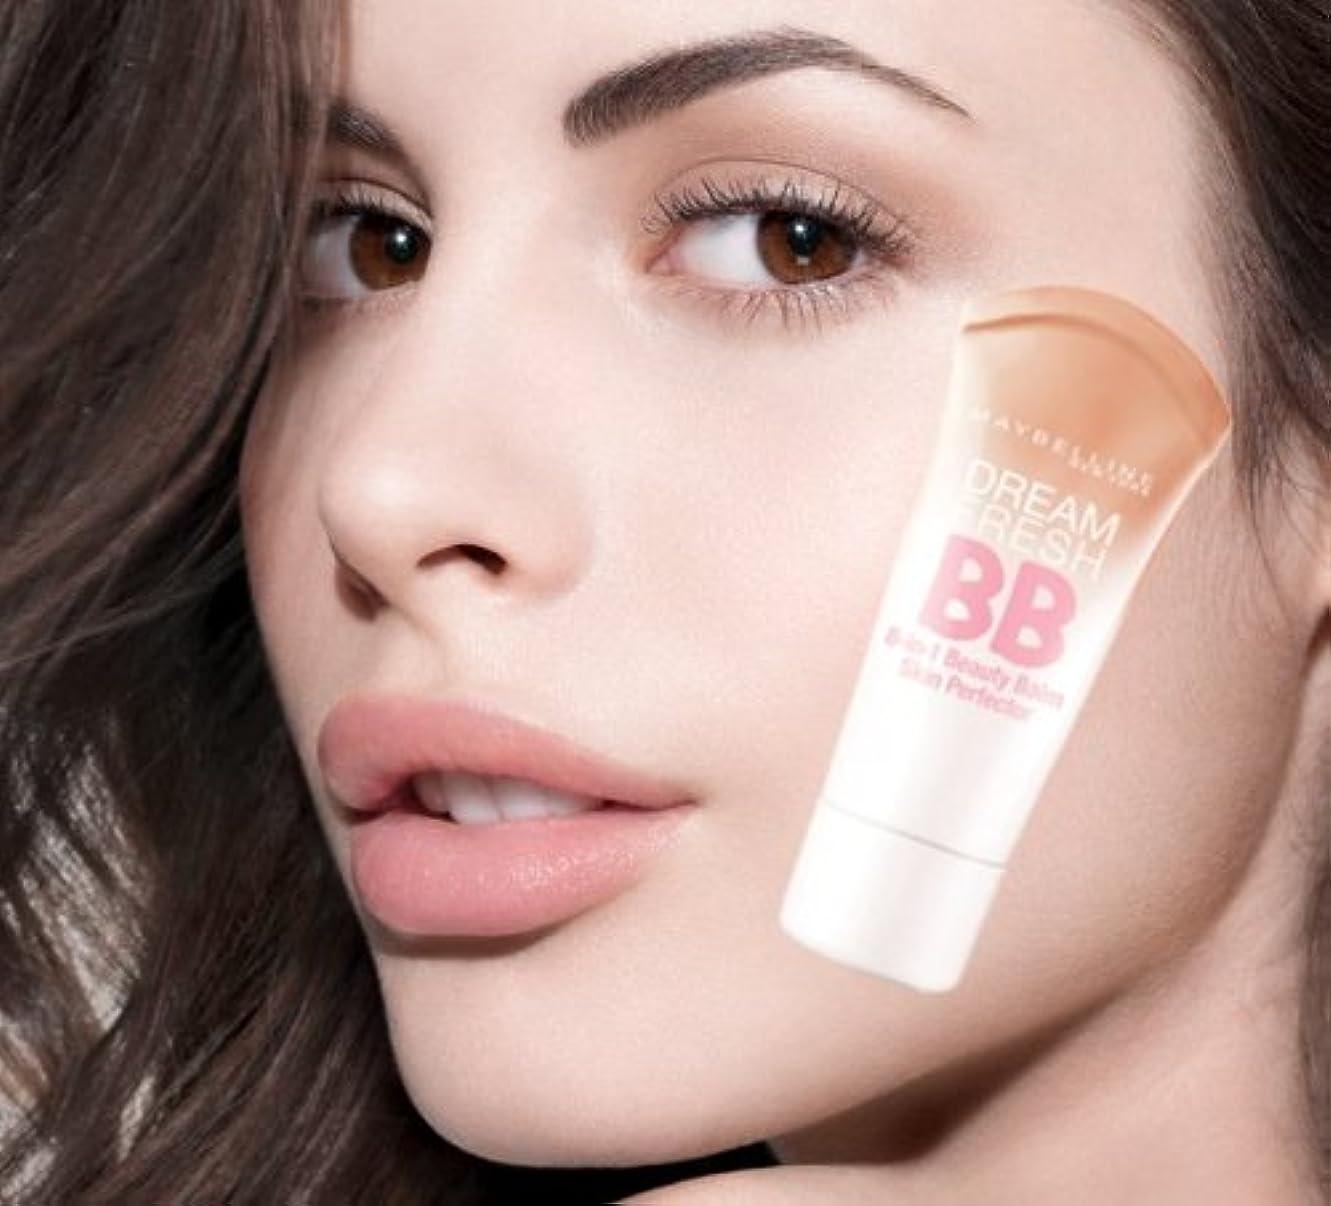 バレーボール支給放送メイベリン BBクリーム ミディアムカラー SPF 30*Maybelline Dream Fresh BB Cream 30ml【平行輸入品】